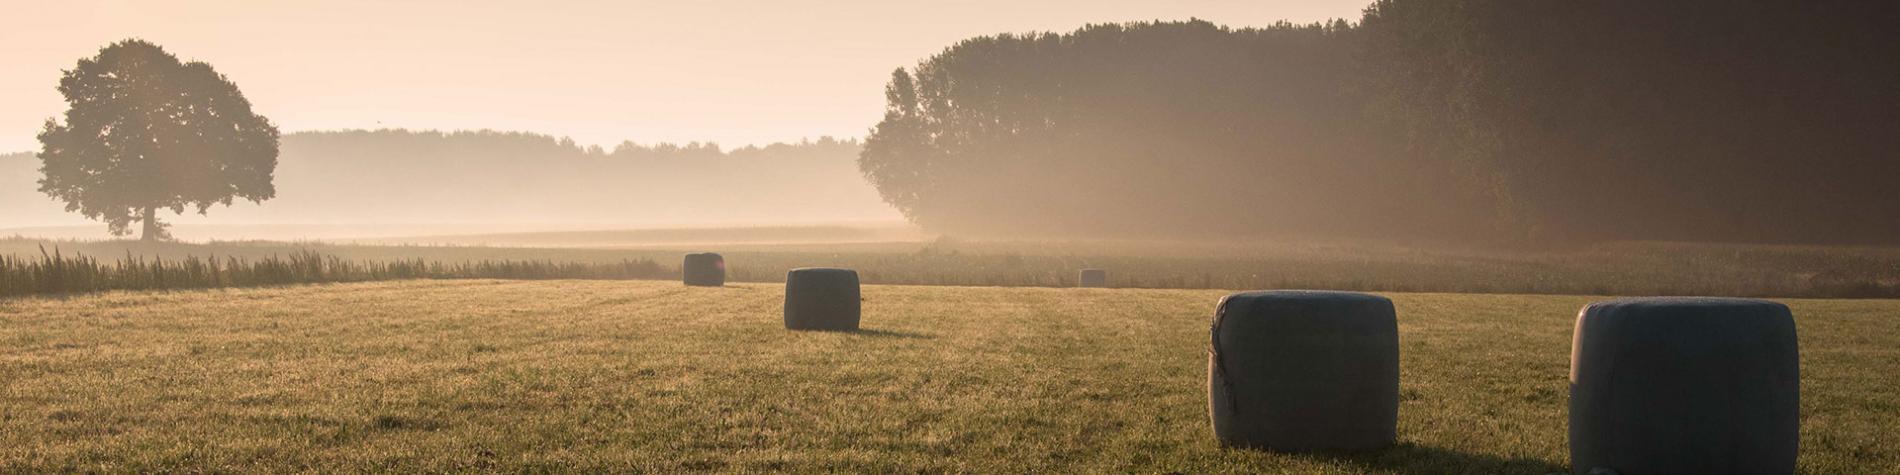 Parc Naturel - Hauts-Pays - Mons - champ - Blaugies - Dour